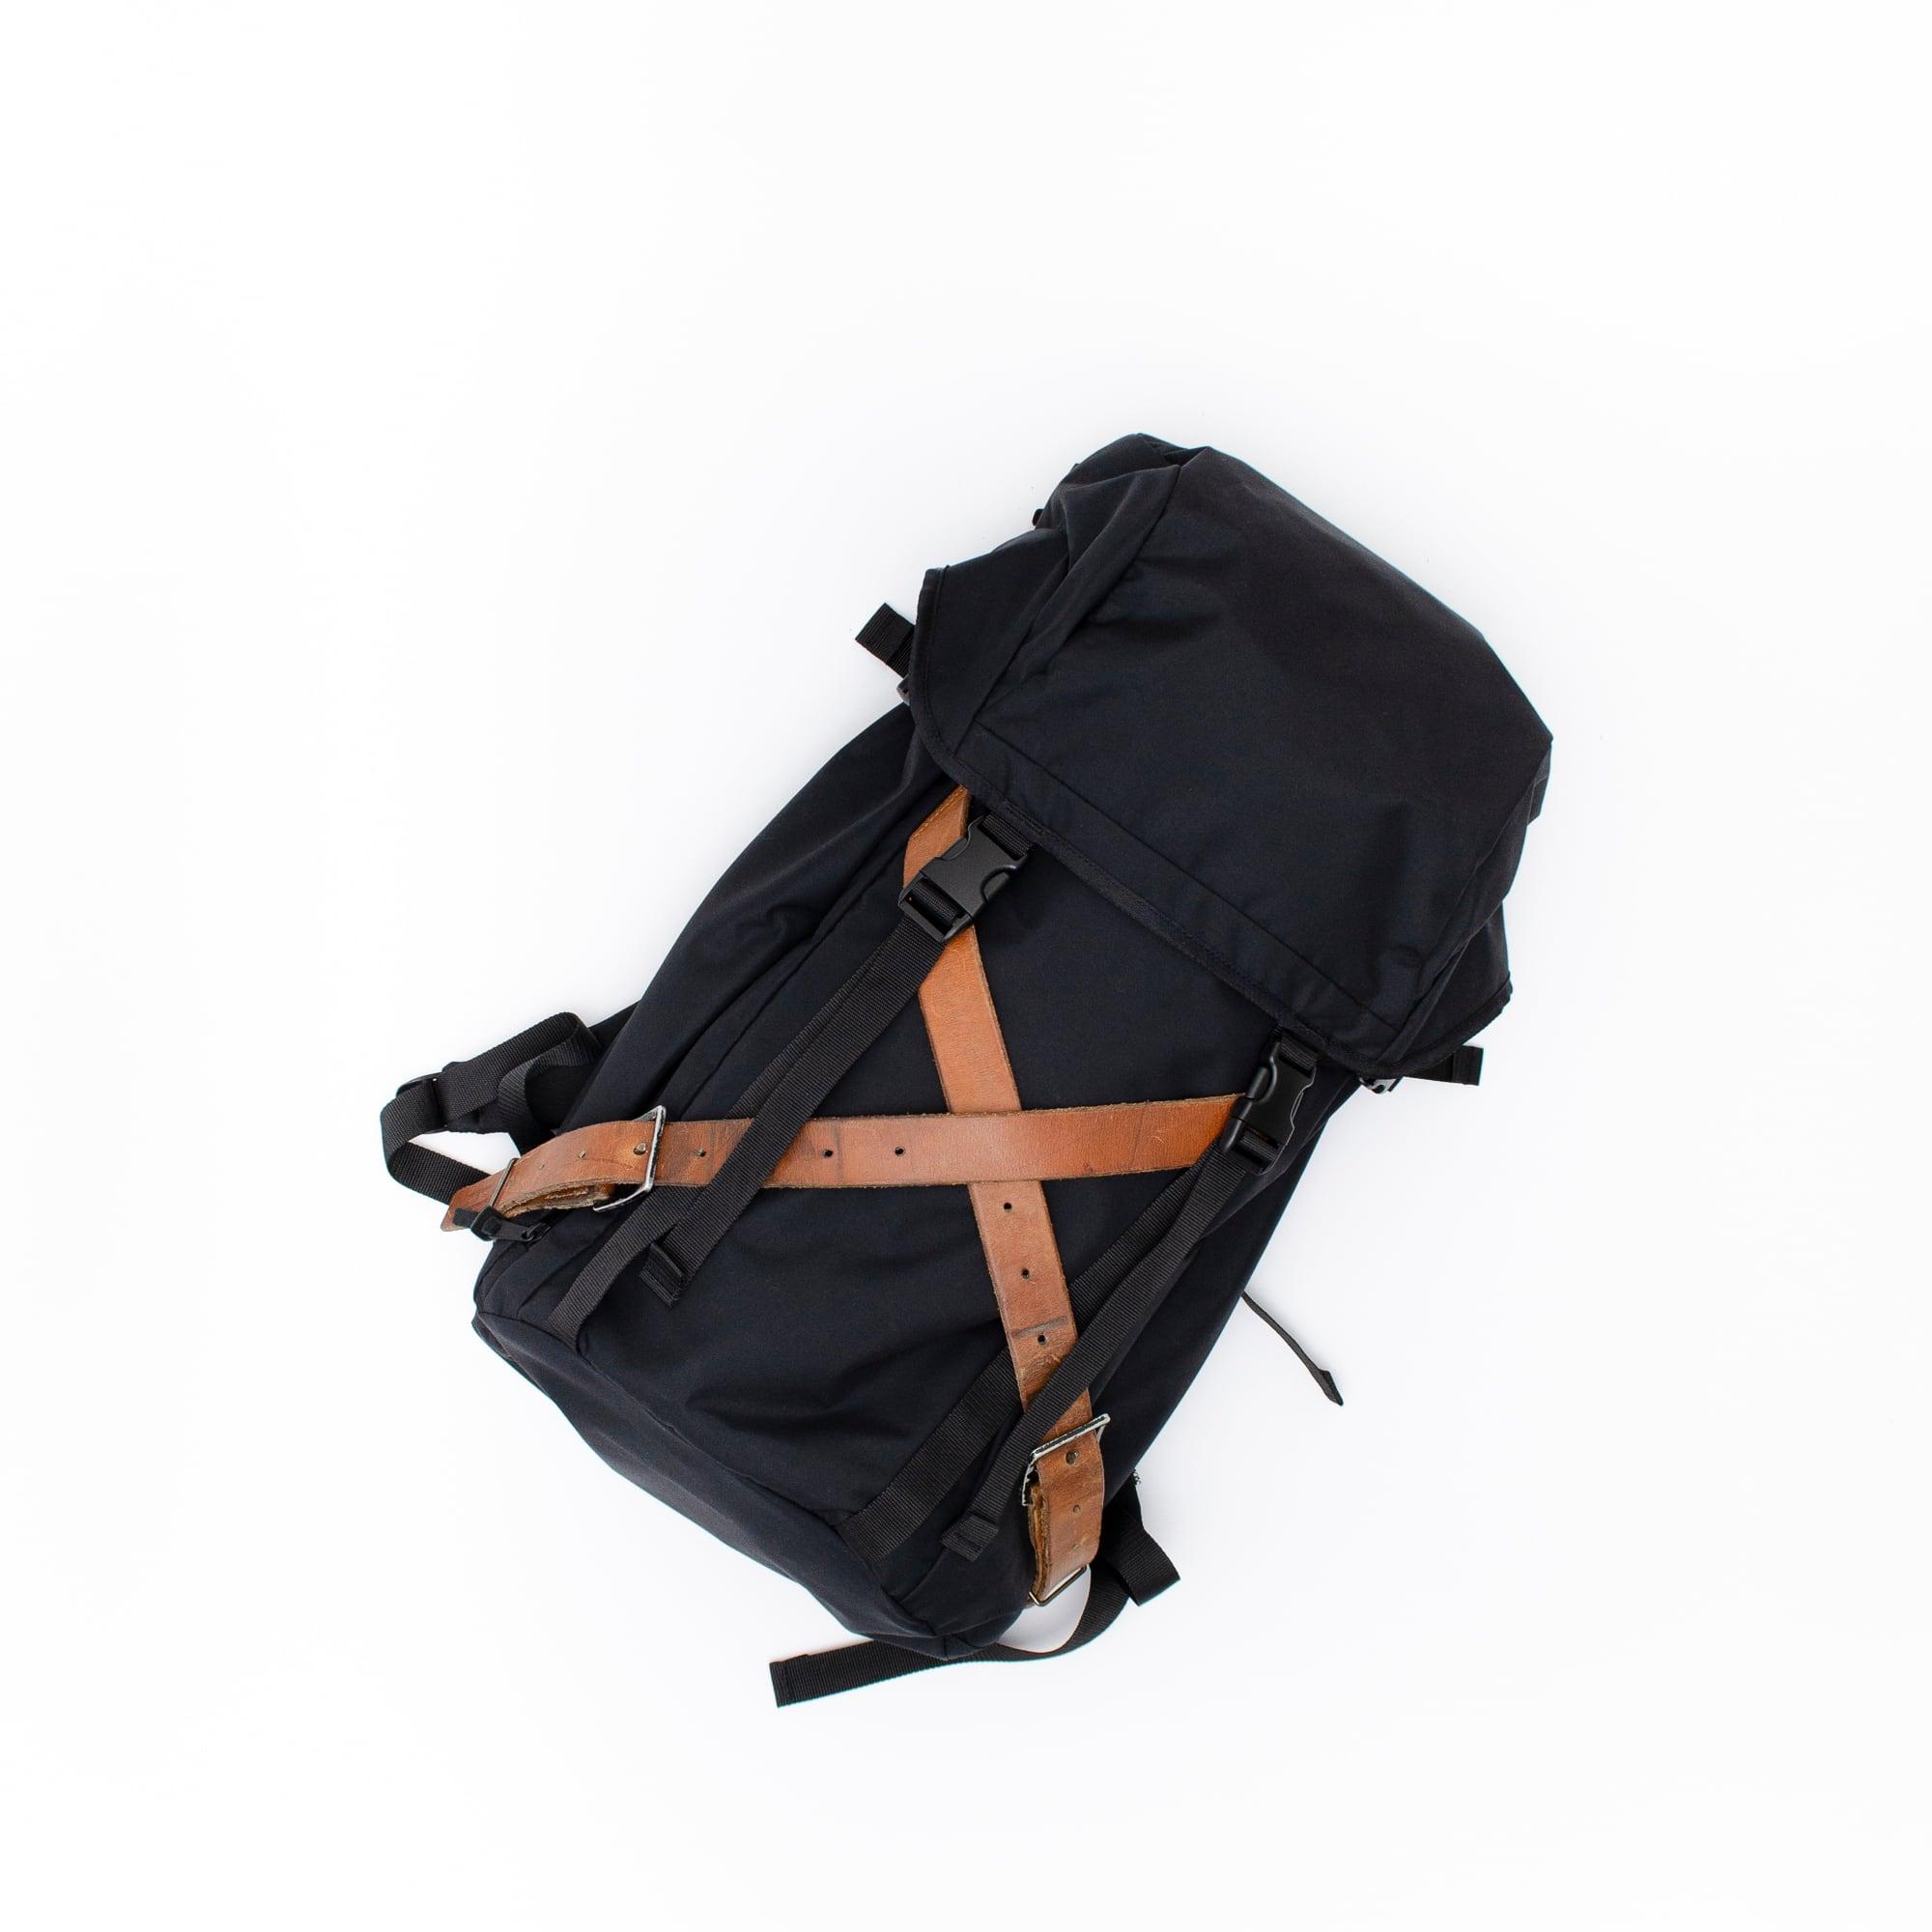 KaILI BACKPACK X/CH